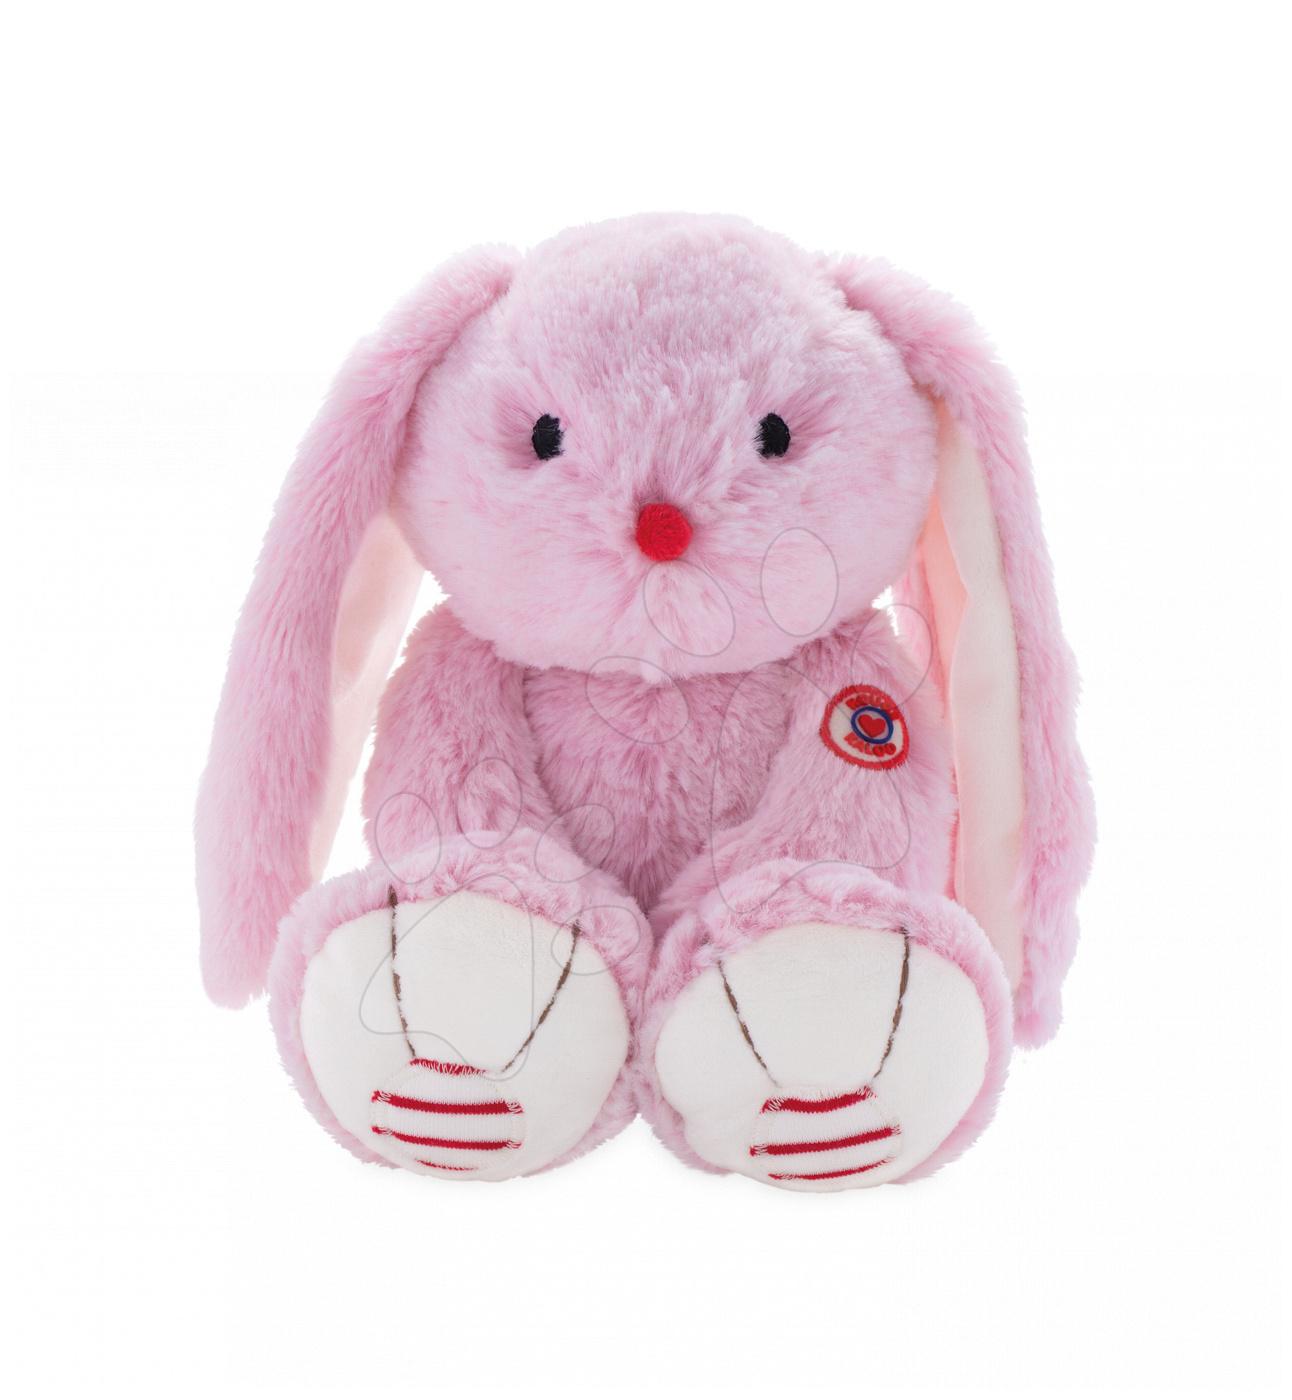 Hračky pro miminka - Plyšový zajíc Rouge Kaloo Small 13 cm z jemného plyše pro nejmenší děti růžovo-krémový